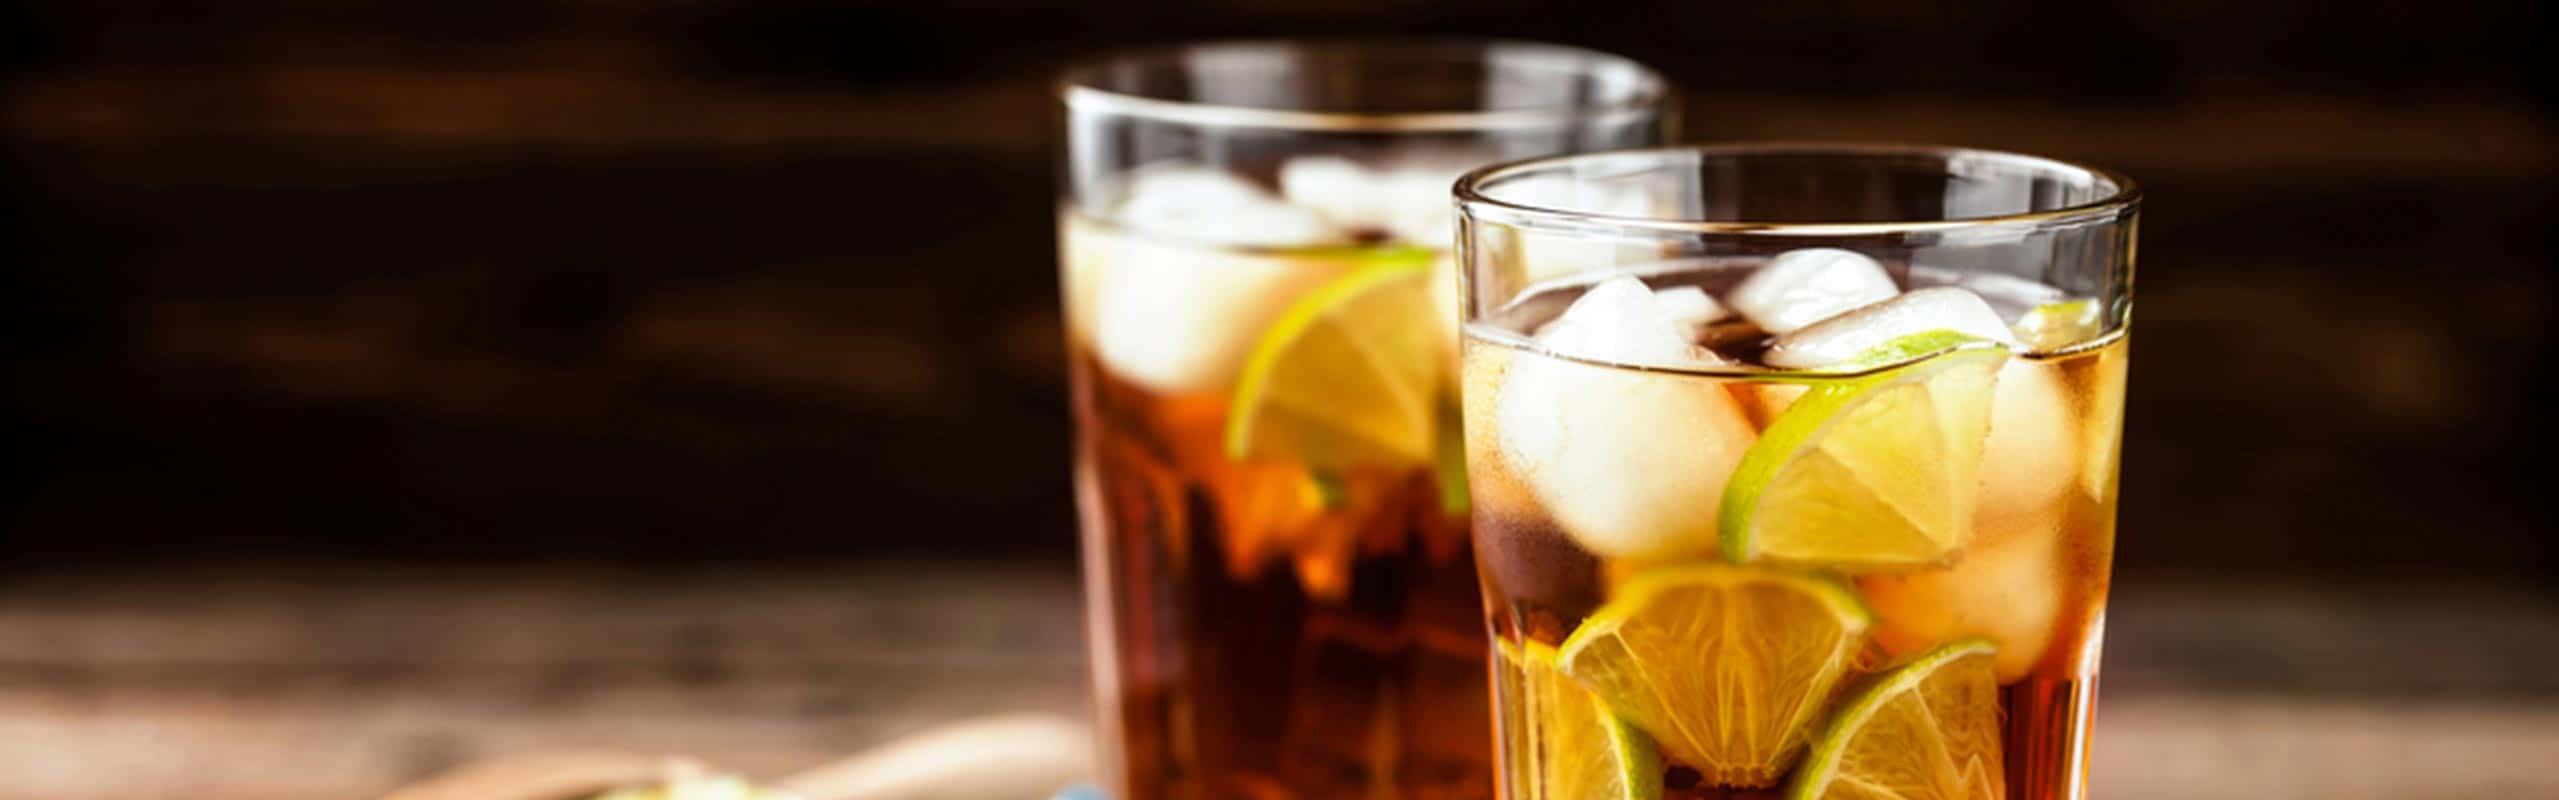 Descubre los long drinks y su importancia en la coctelería